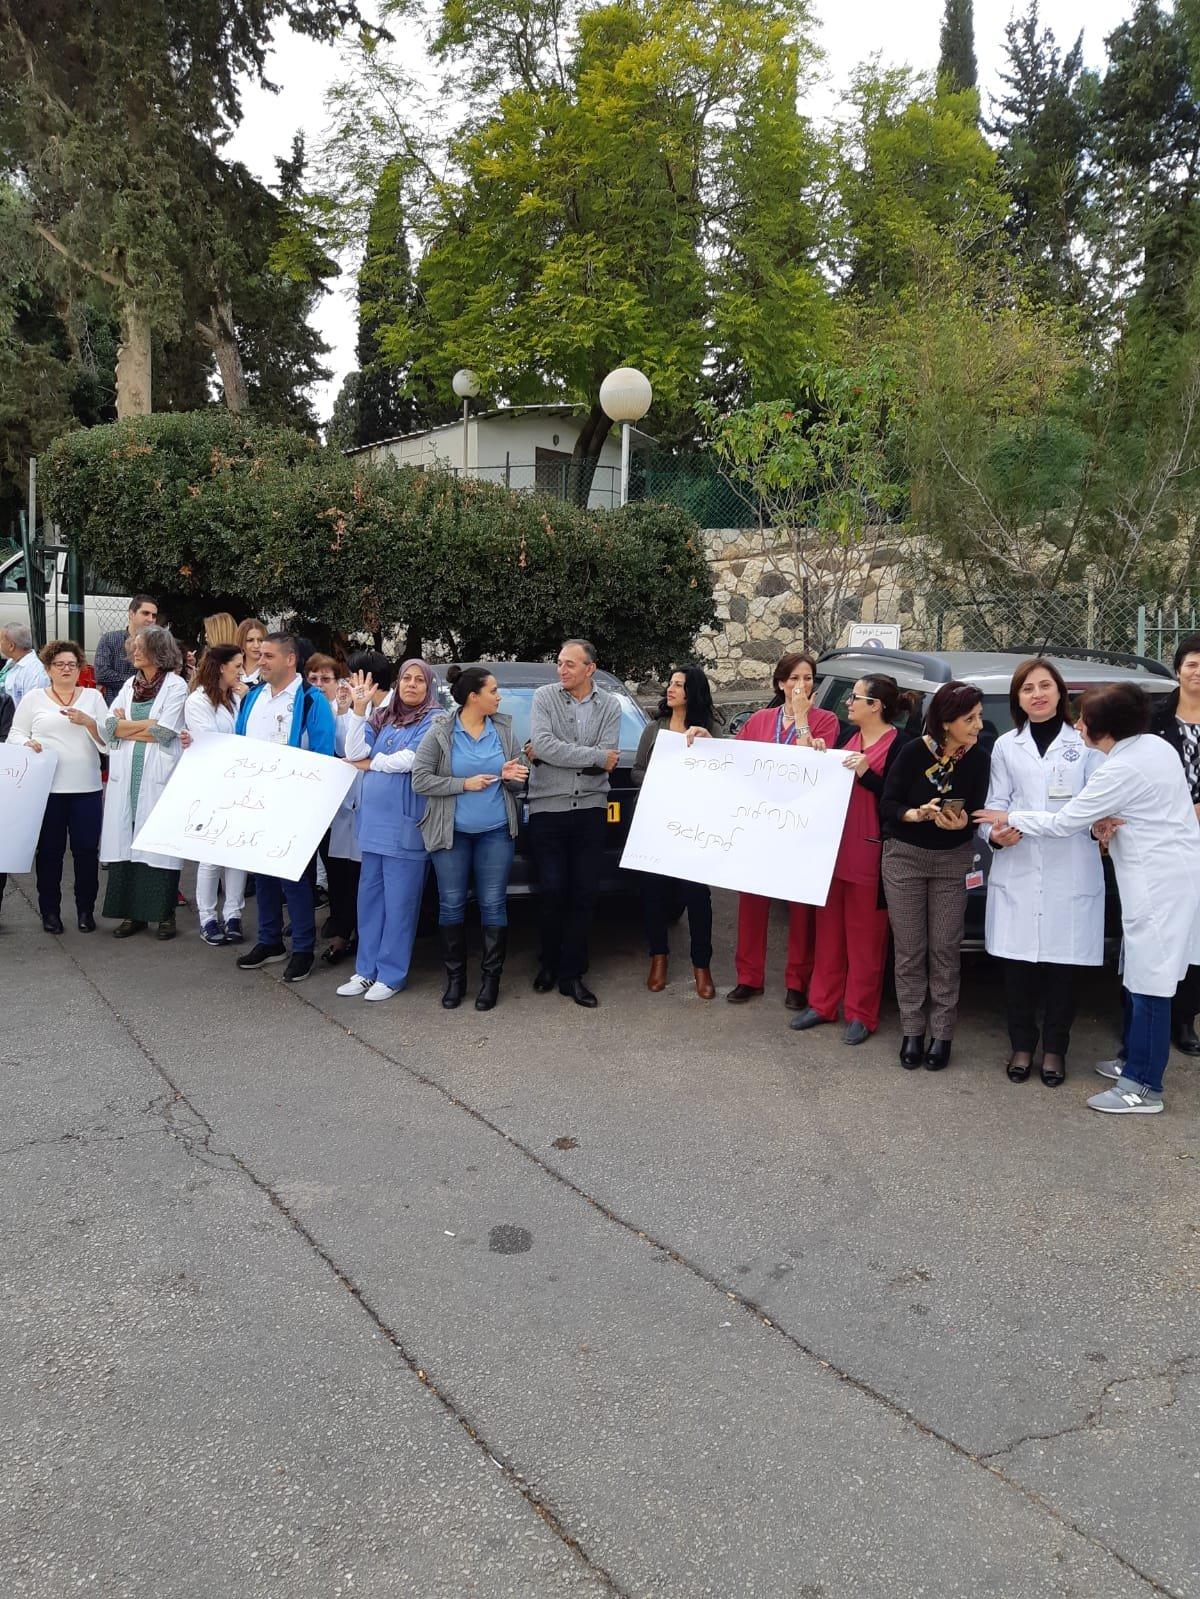 وقفة احتجاجيّة ضّد العنف لموظّفي وأطبّاء مستشفى الناصرة- الإنجليزي